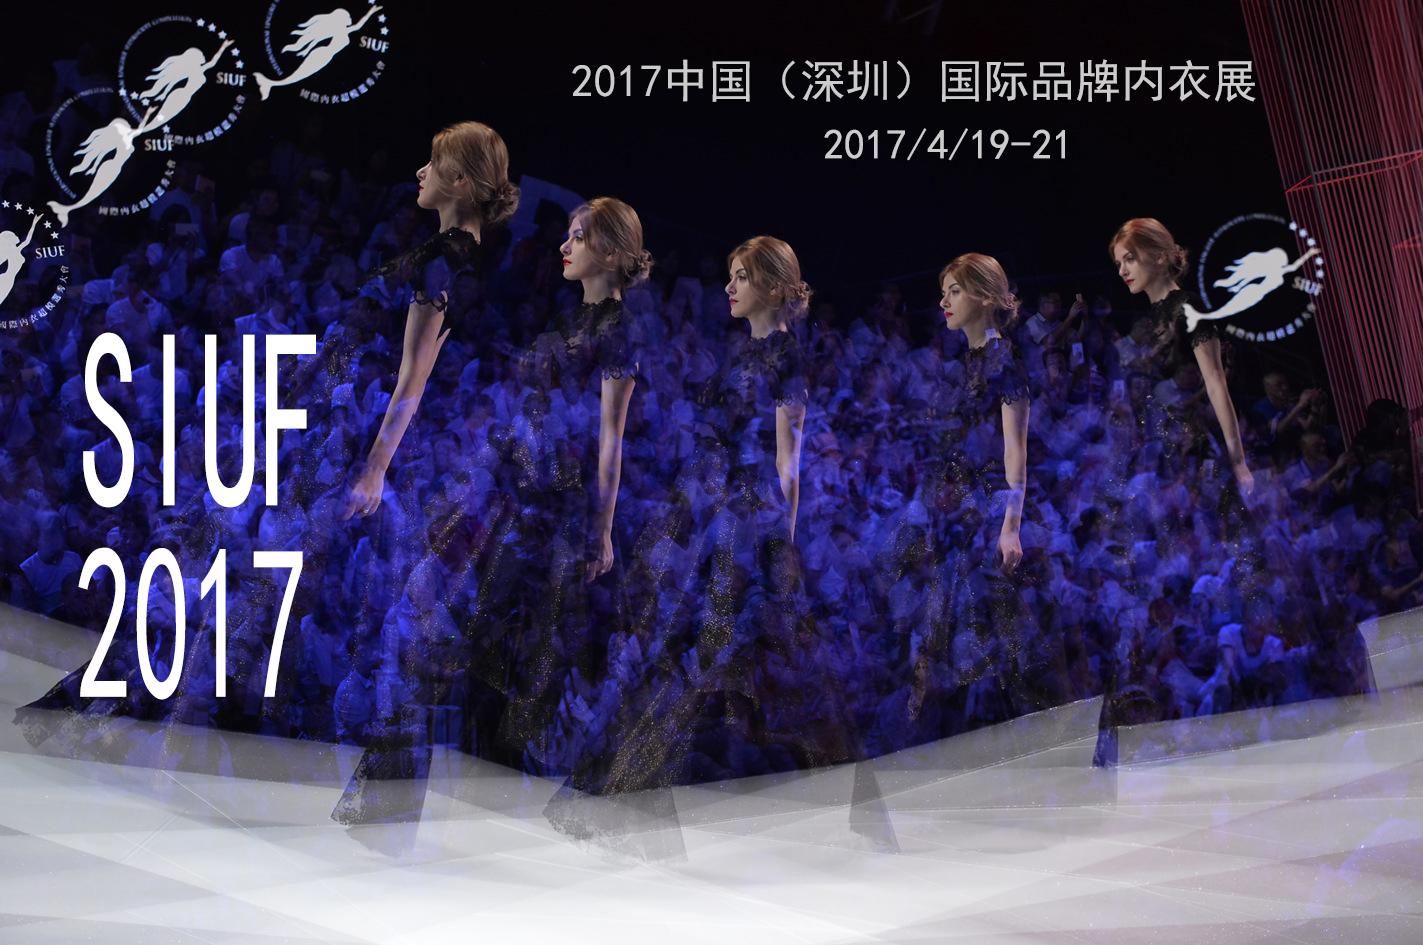 SIUF2017中国(深圳)国际品牌内衣展